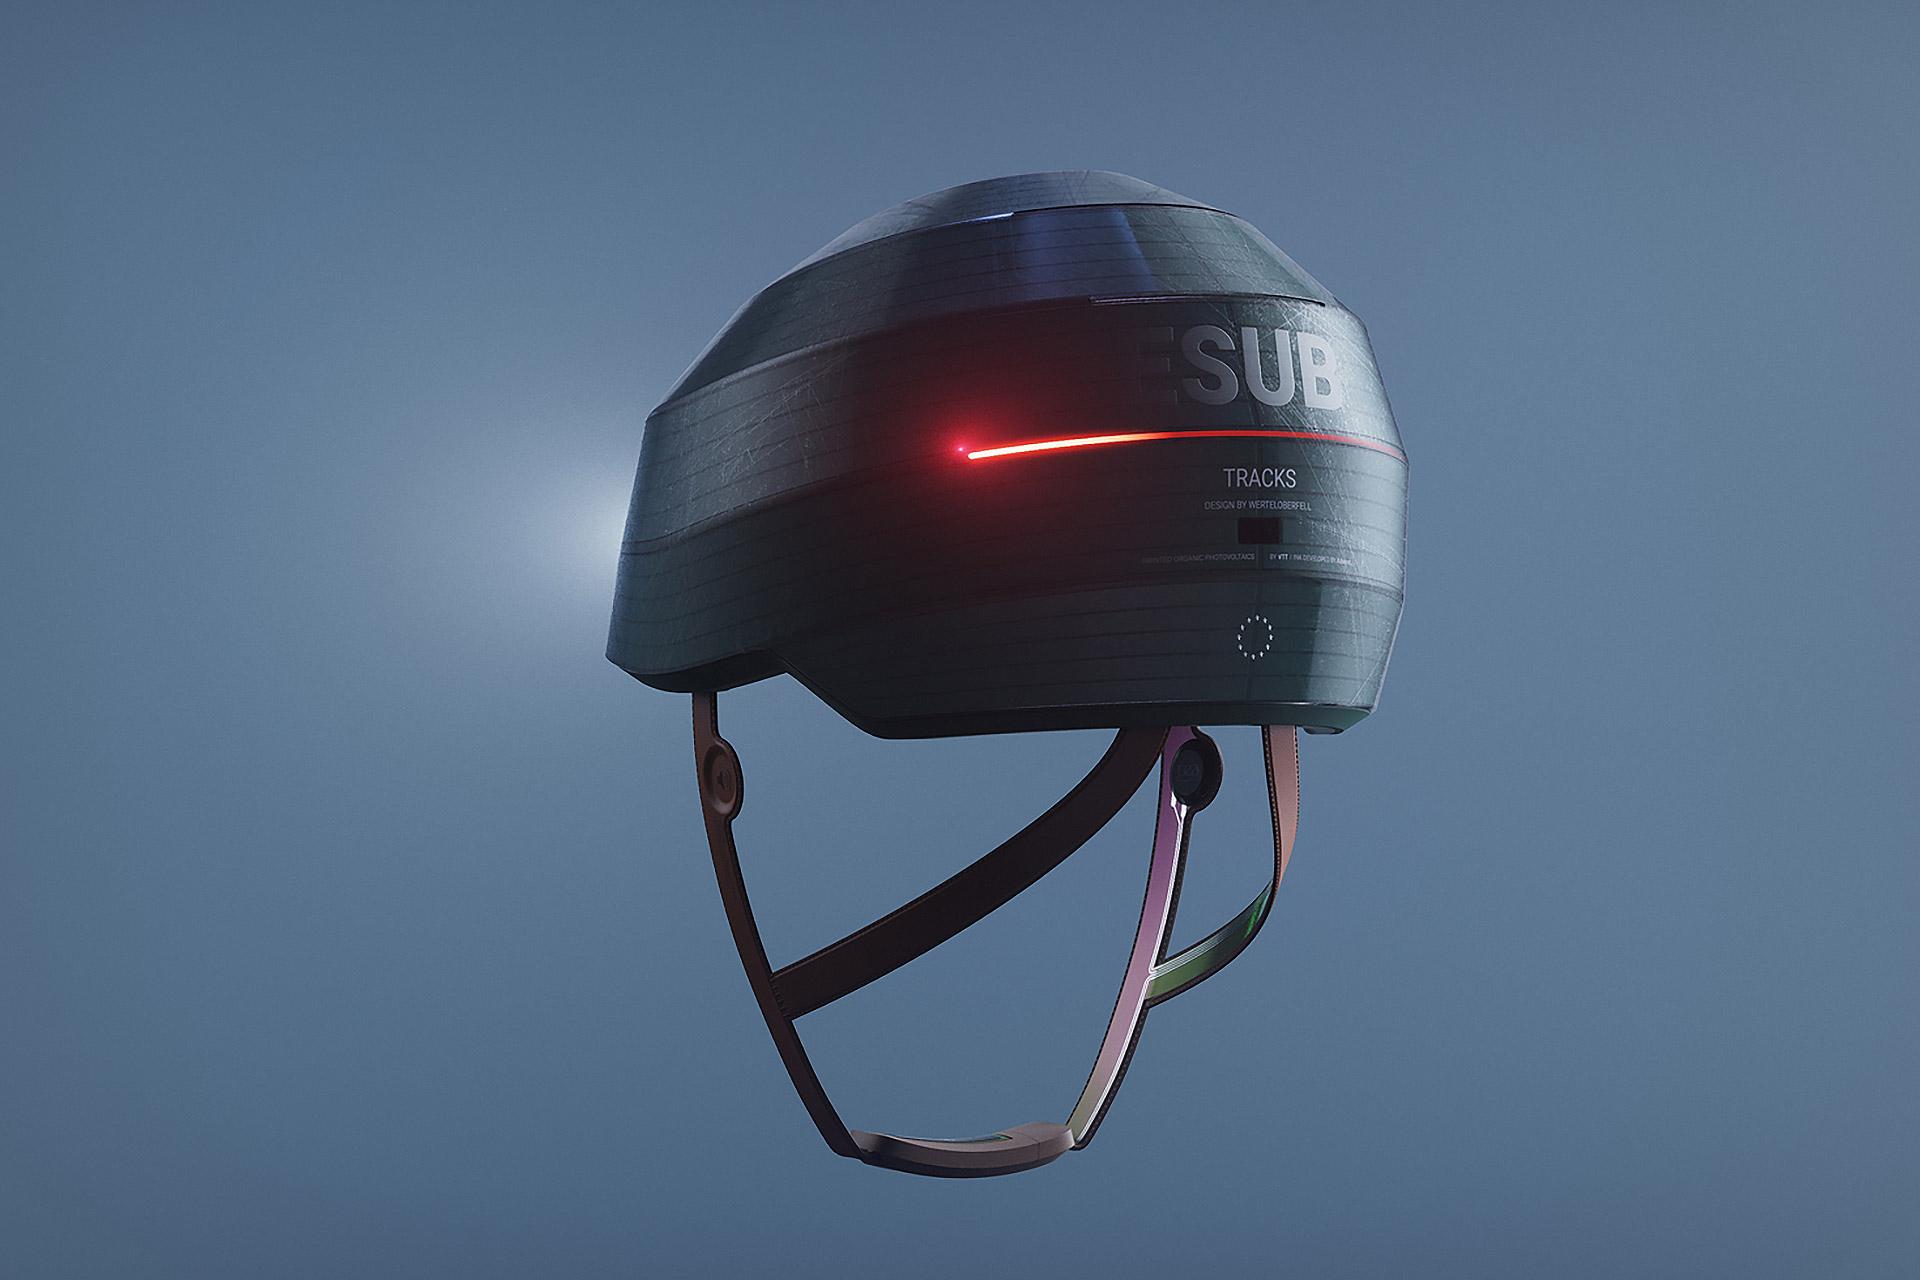 Werteloberfell ESUB Tracks Helmet